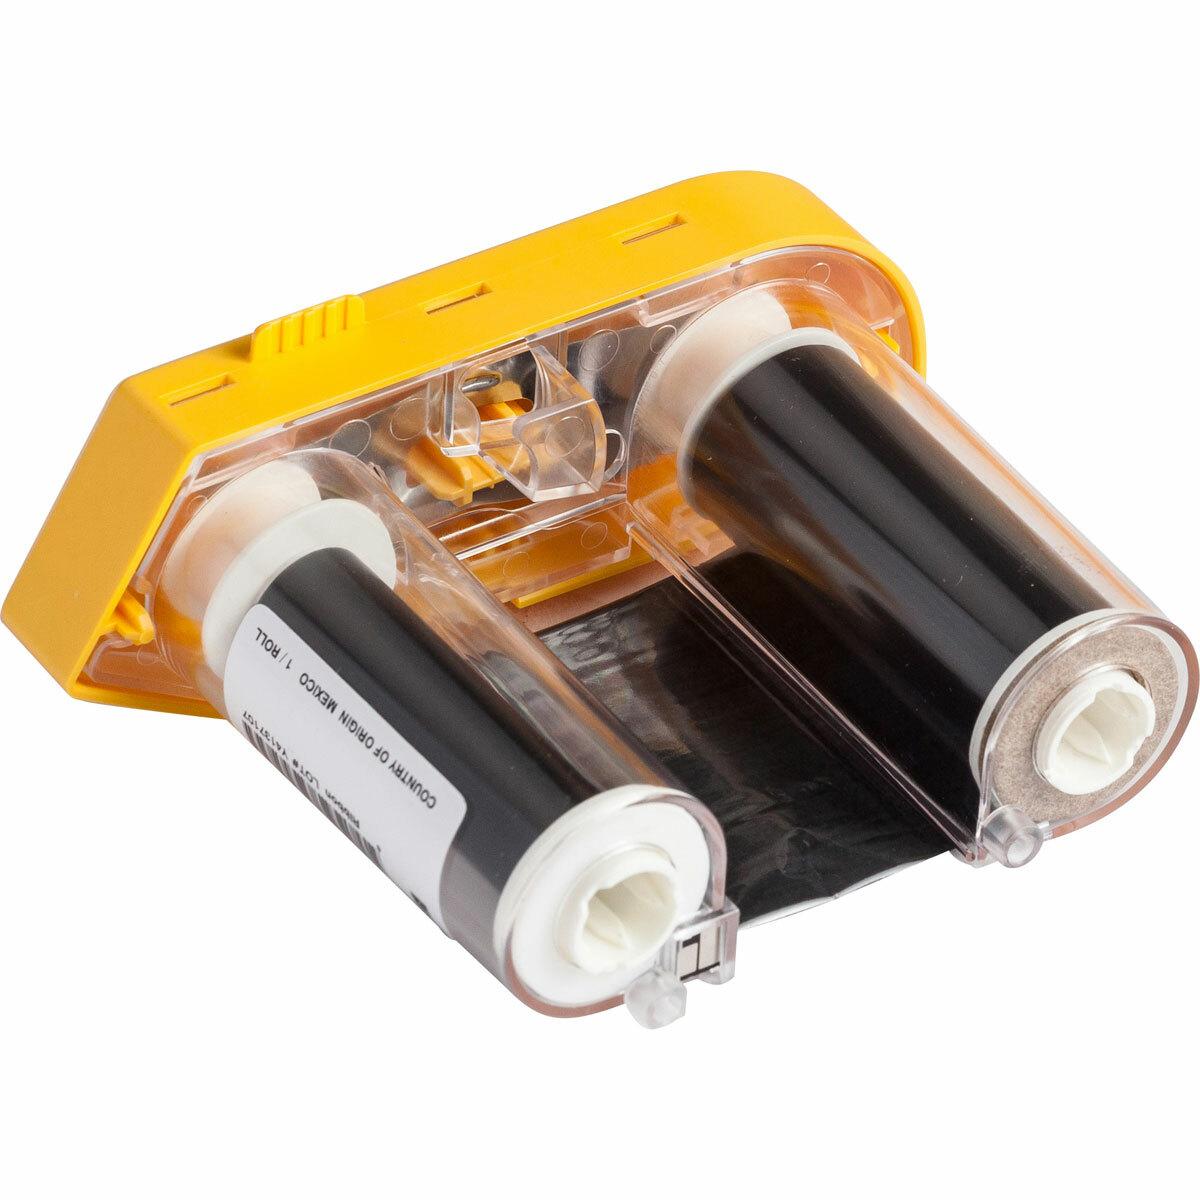 Ленты для мобильного принтера этикеток BradyPrinter M611